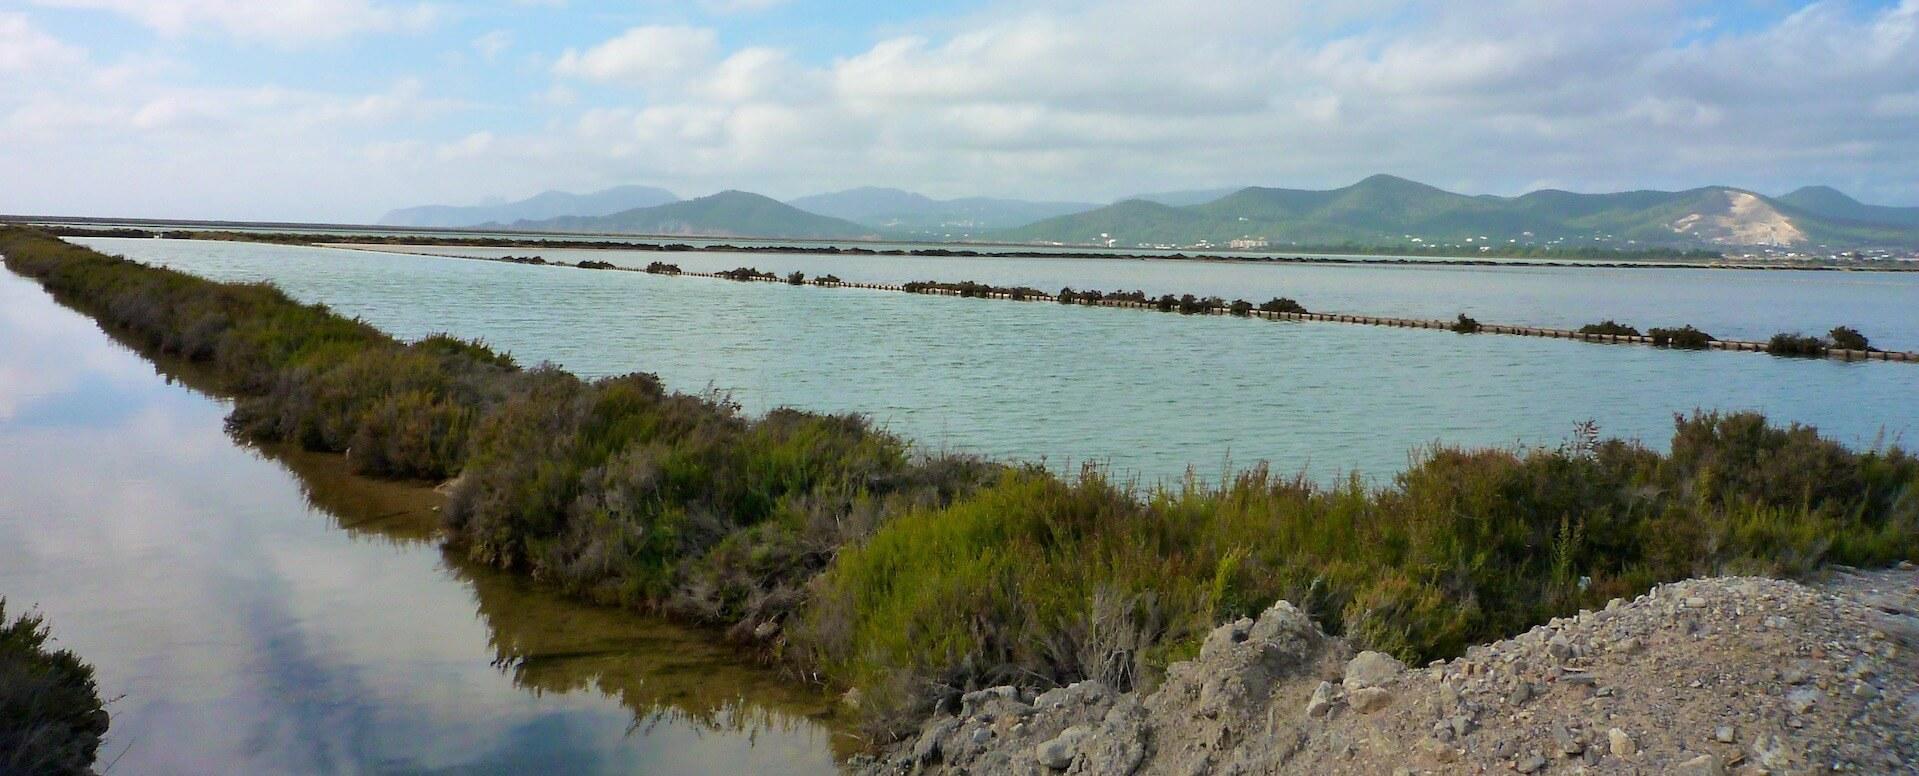 Le parc naturel des Salines - Ibiza